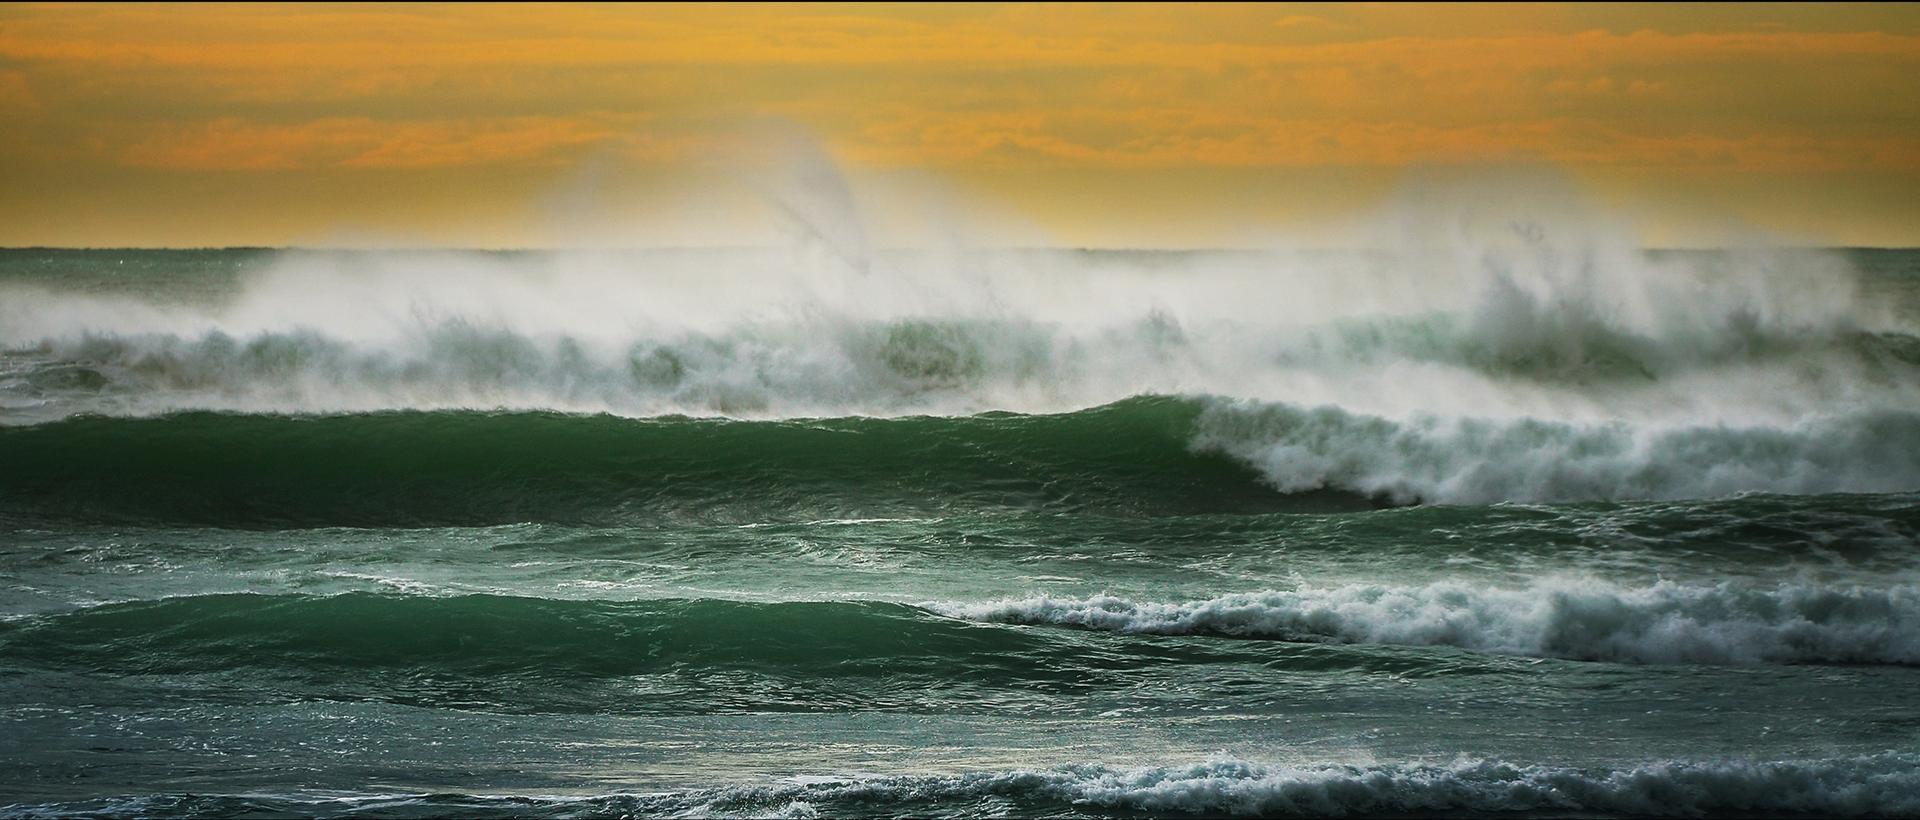 ocean desktop images